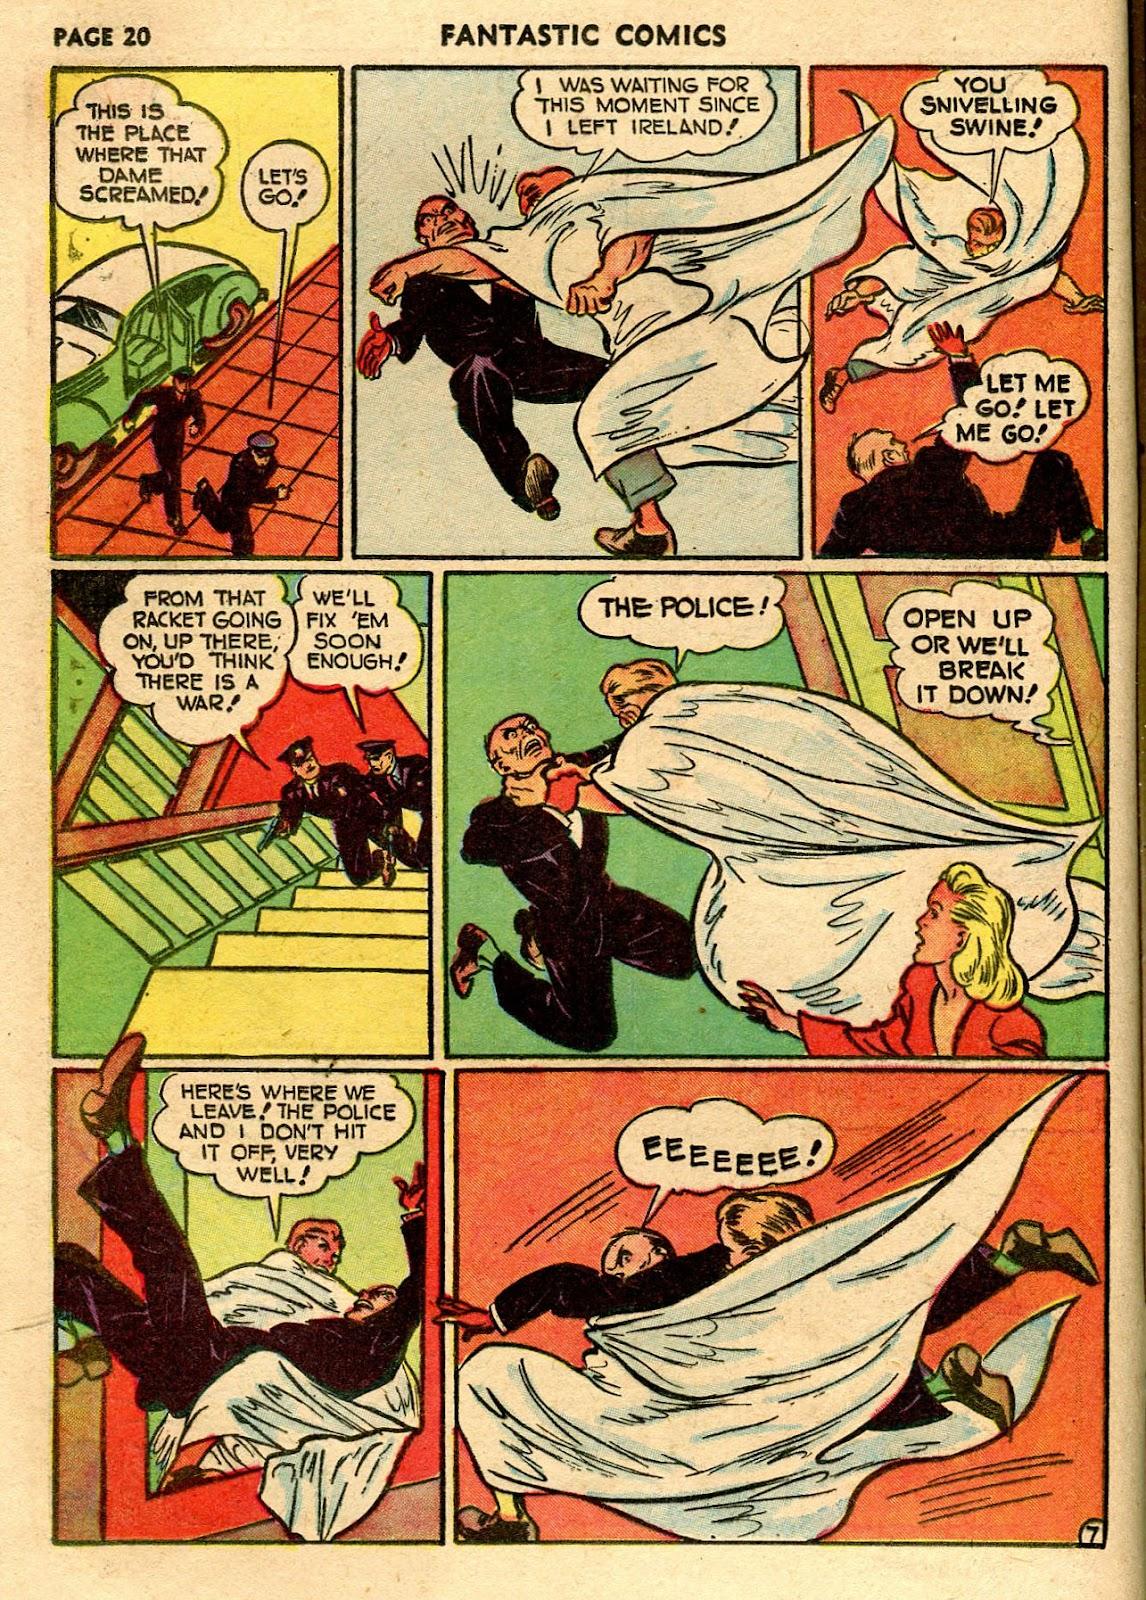 Read online Fantastic Comics comic -  Issue #21 - 22